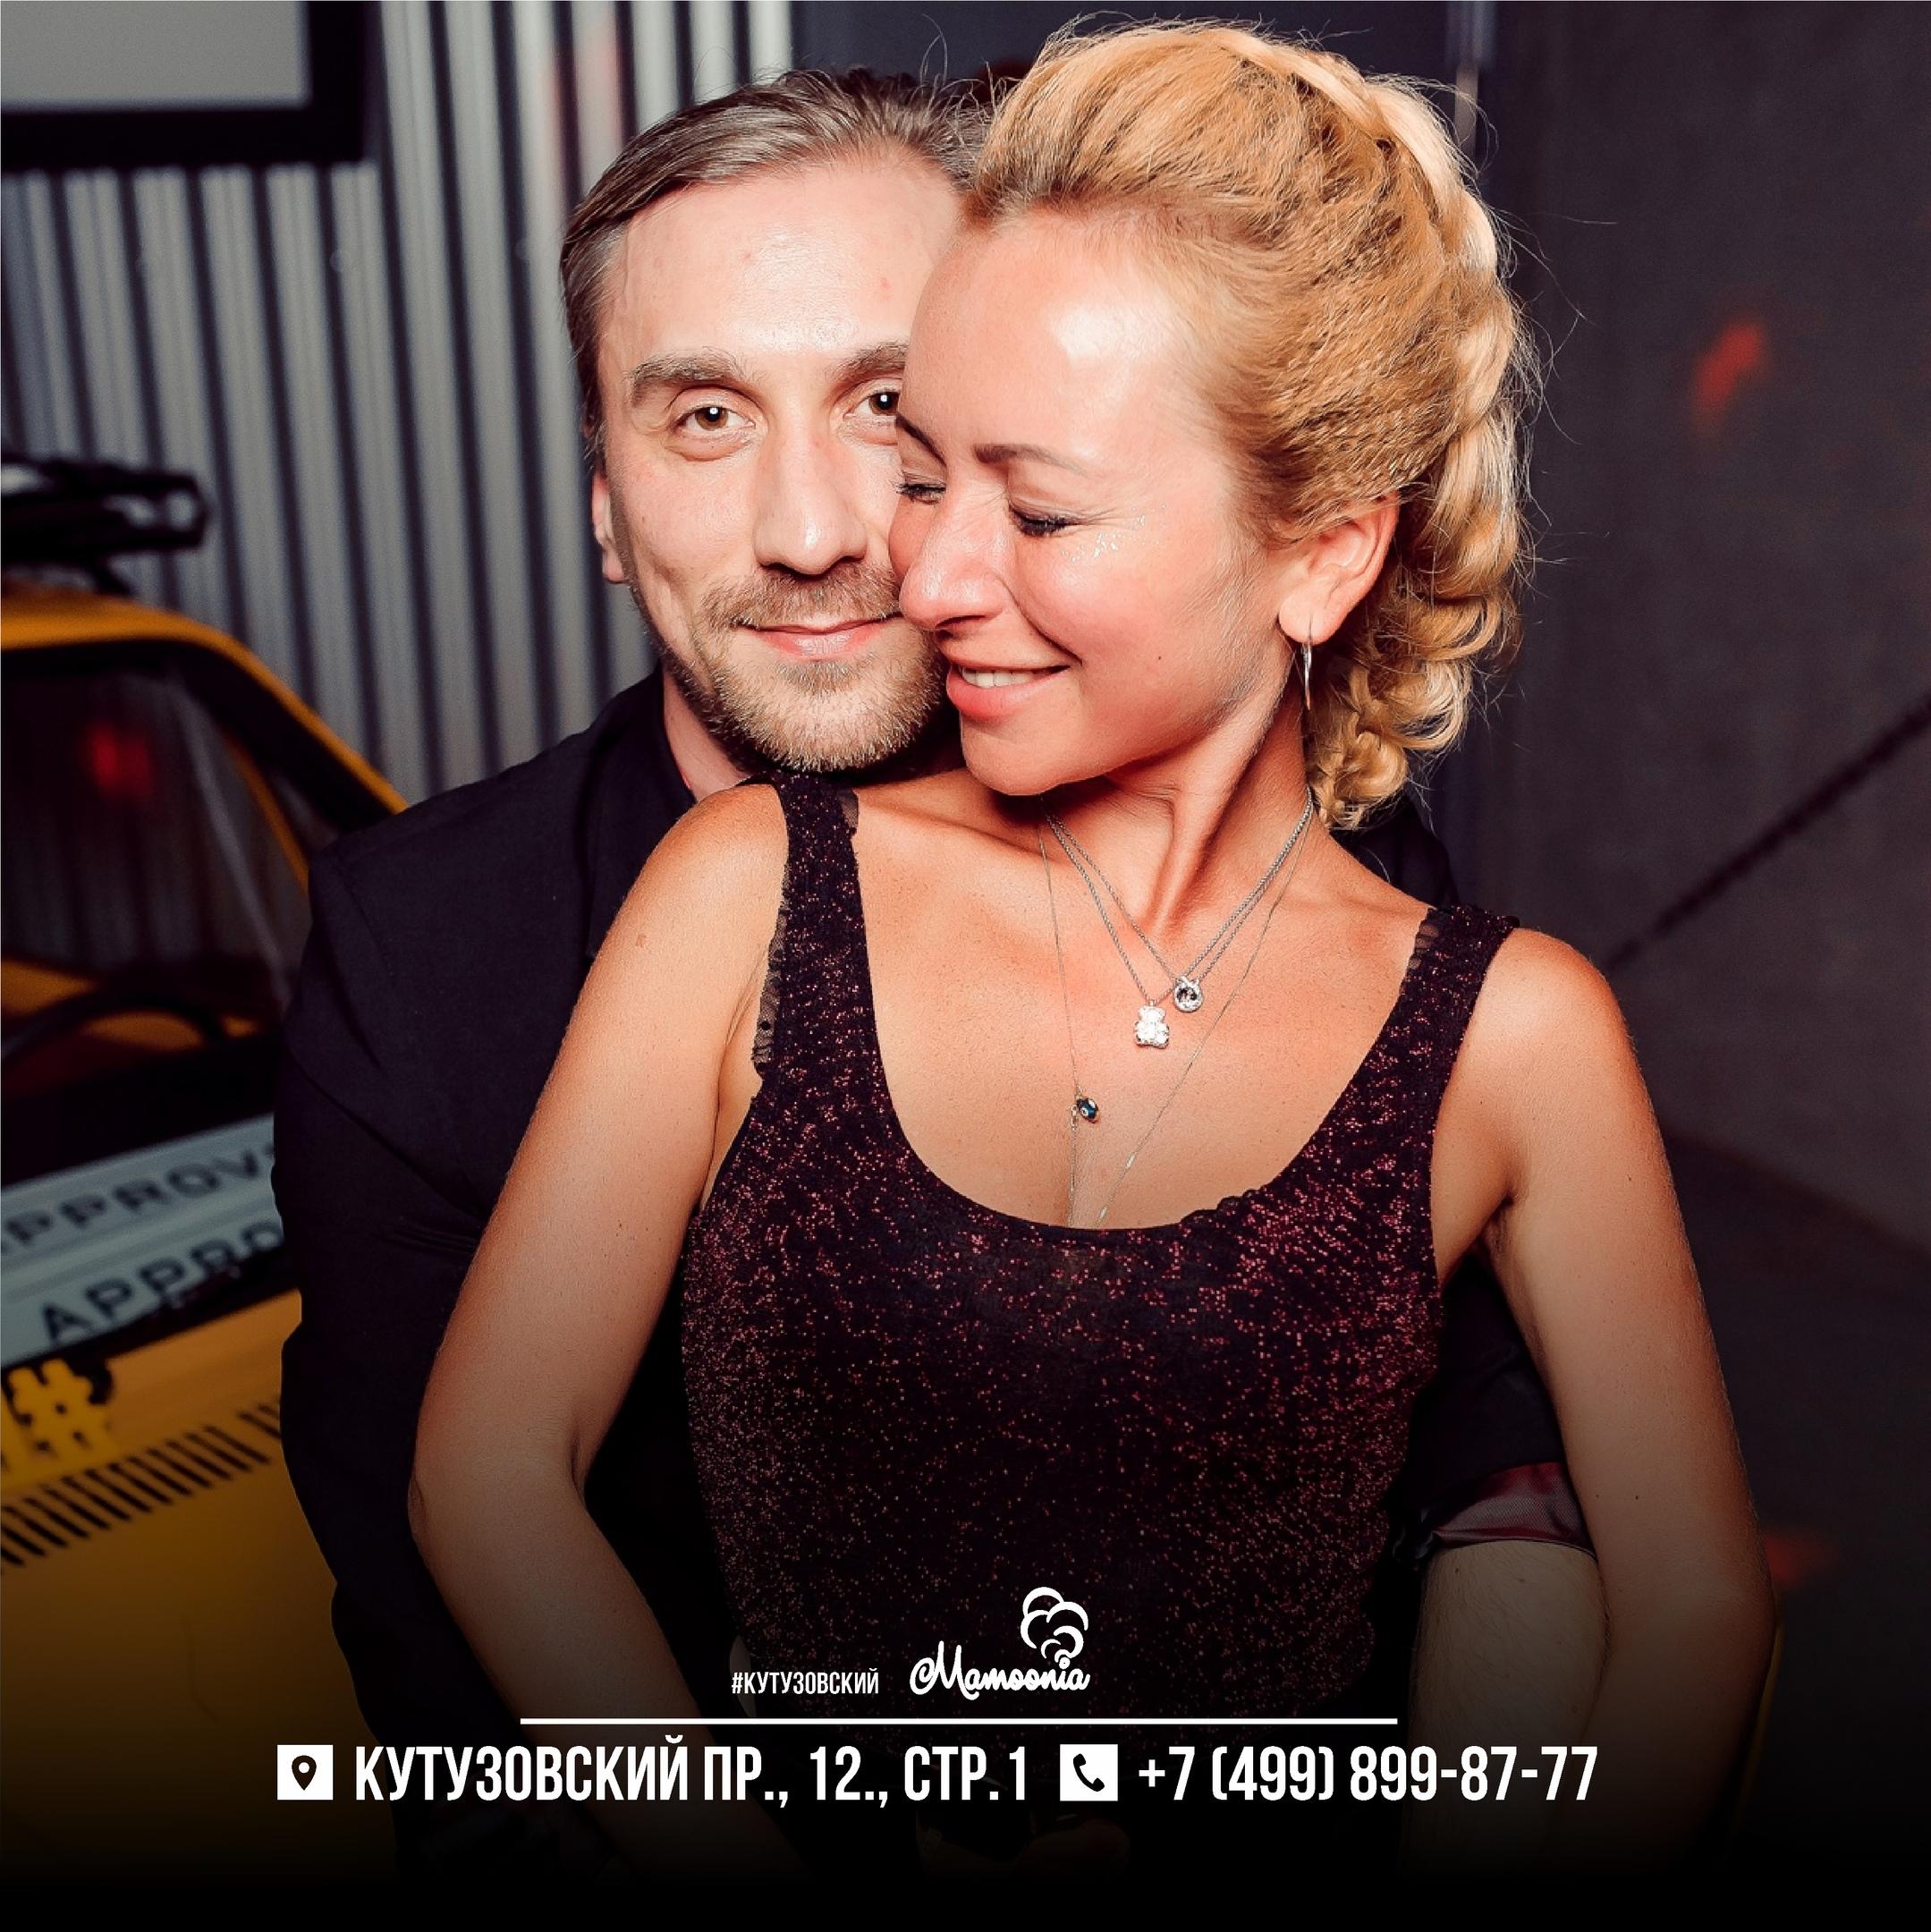 Бар, караоке-клуб «КАК НАДО» - Вконтакте